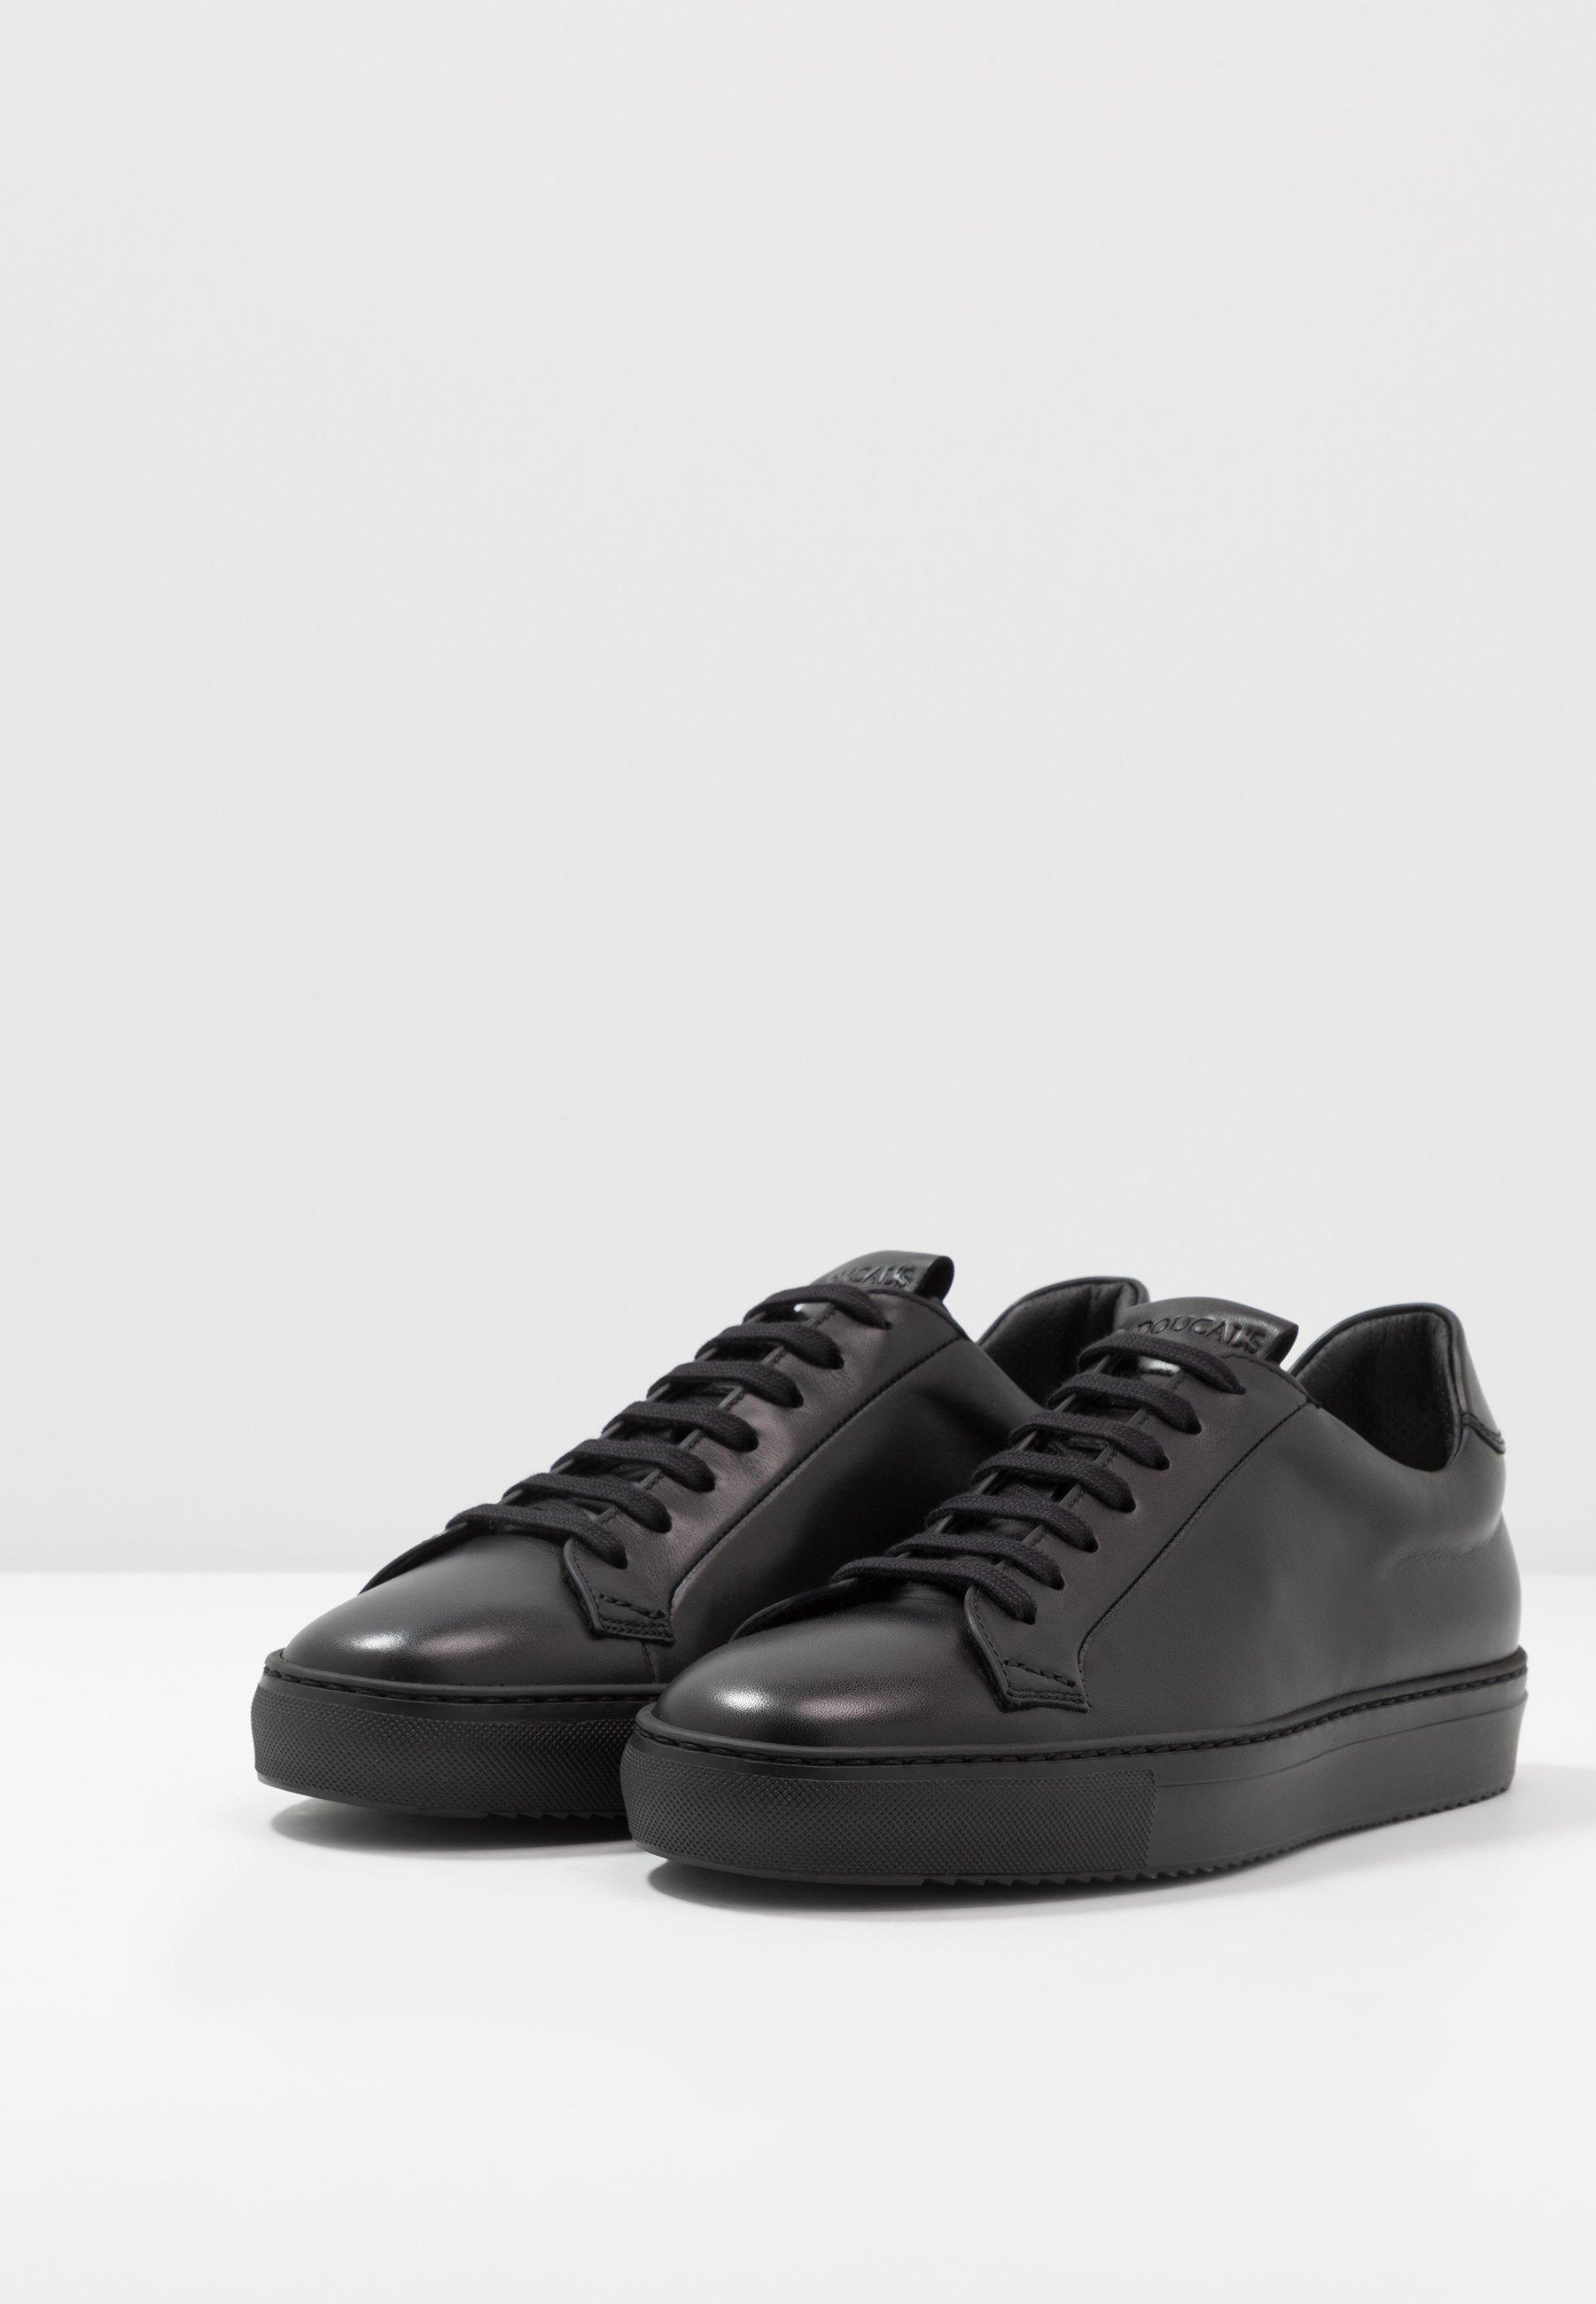 Doucals Sneaker low - nero/schwarz - Herrenschuhe QVCiu